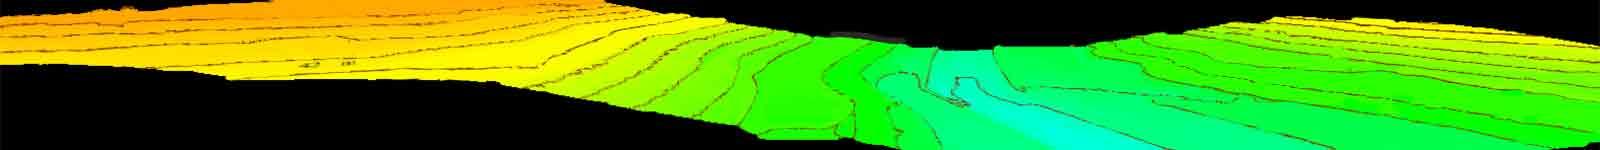 نقشه برداری هوایی توپوگرافی